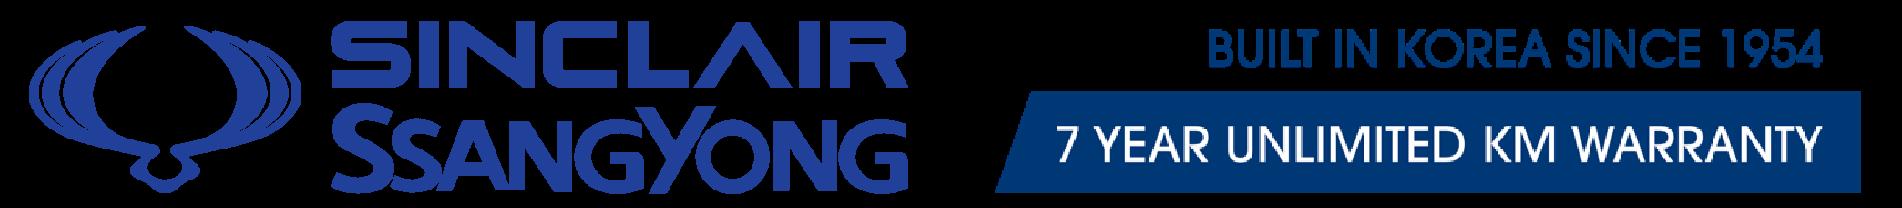 Sinclair Ssangyong